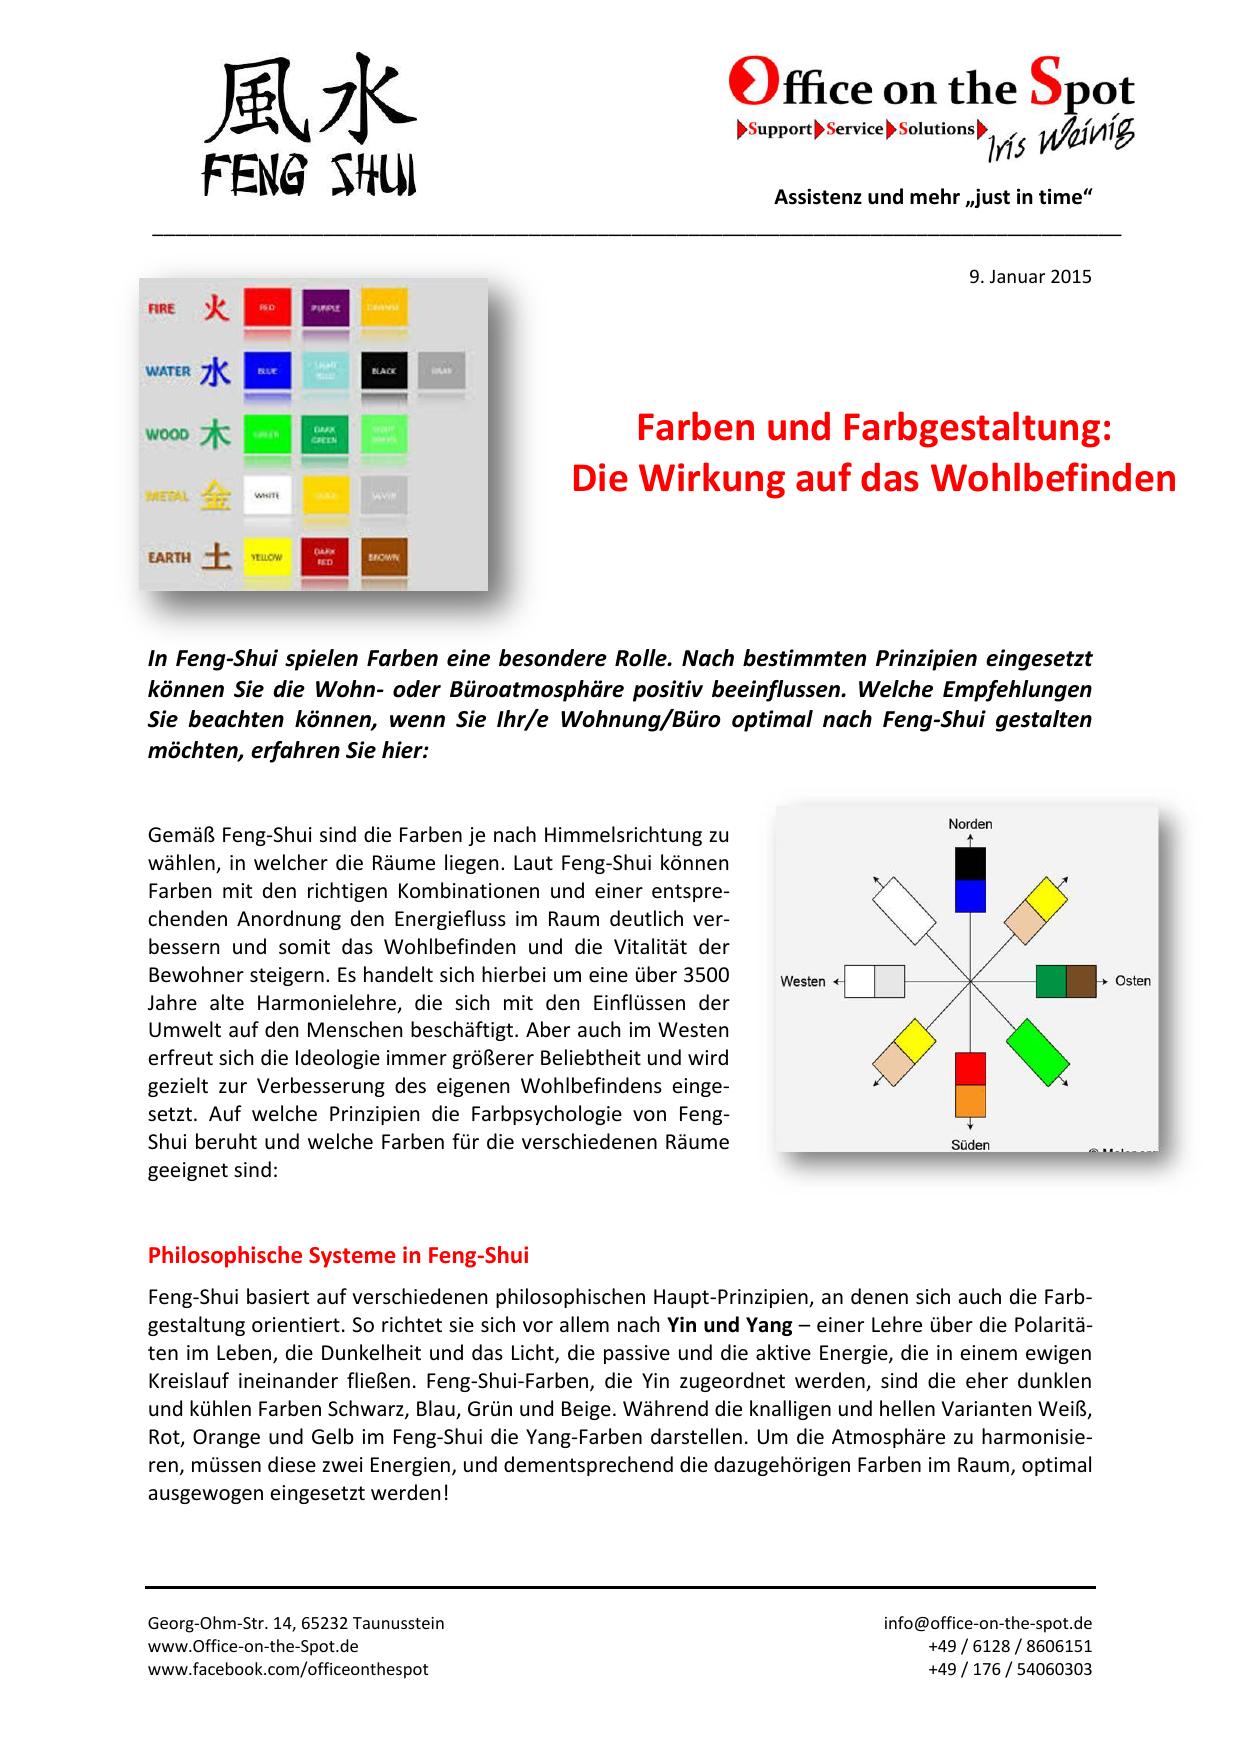 Farben und Farbgestaltung - Office on the Spot Iris Weinig